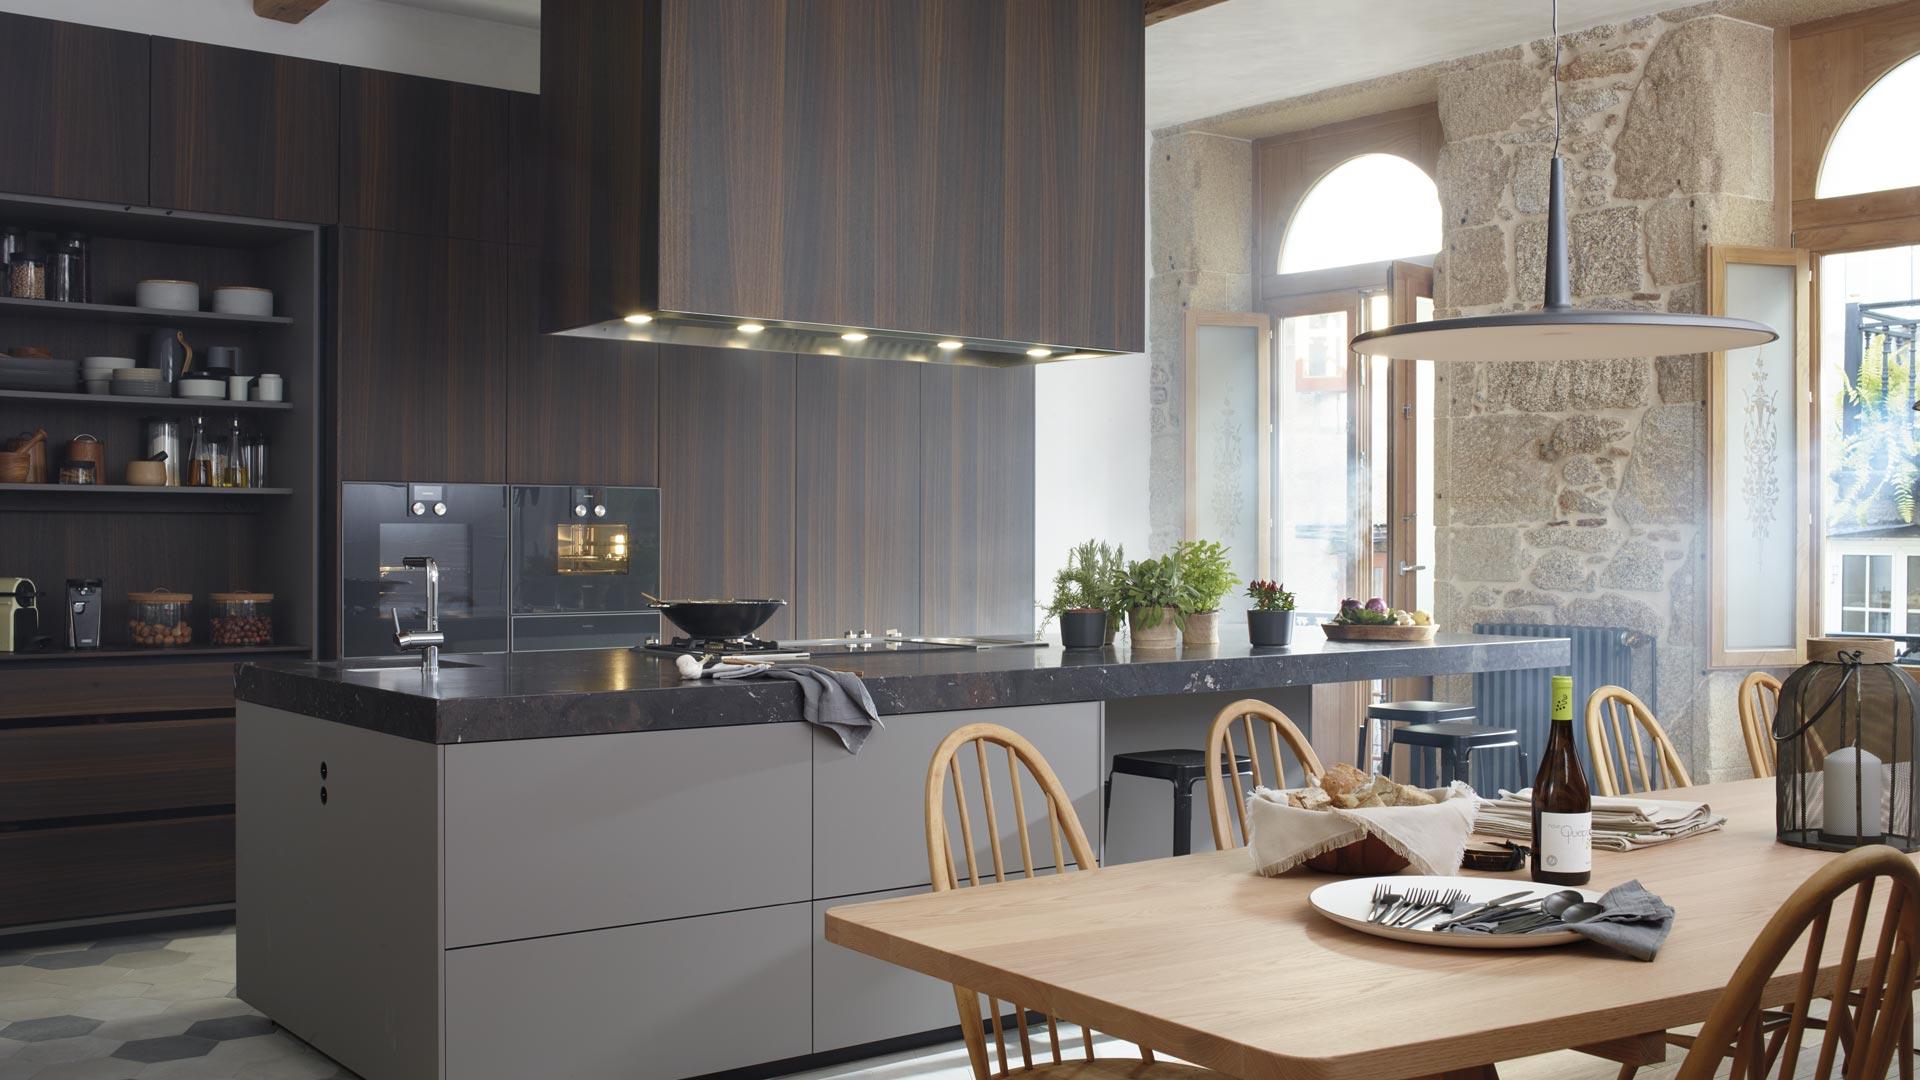 Image gran-cocina-con-isla-columnas-hasta-techo